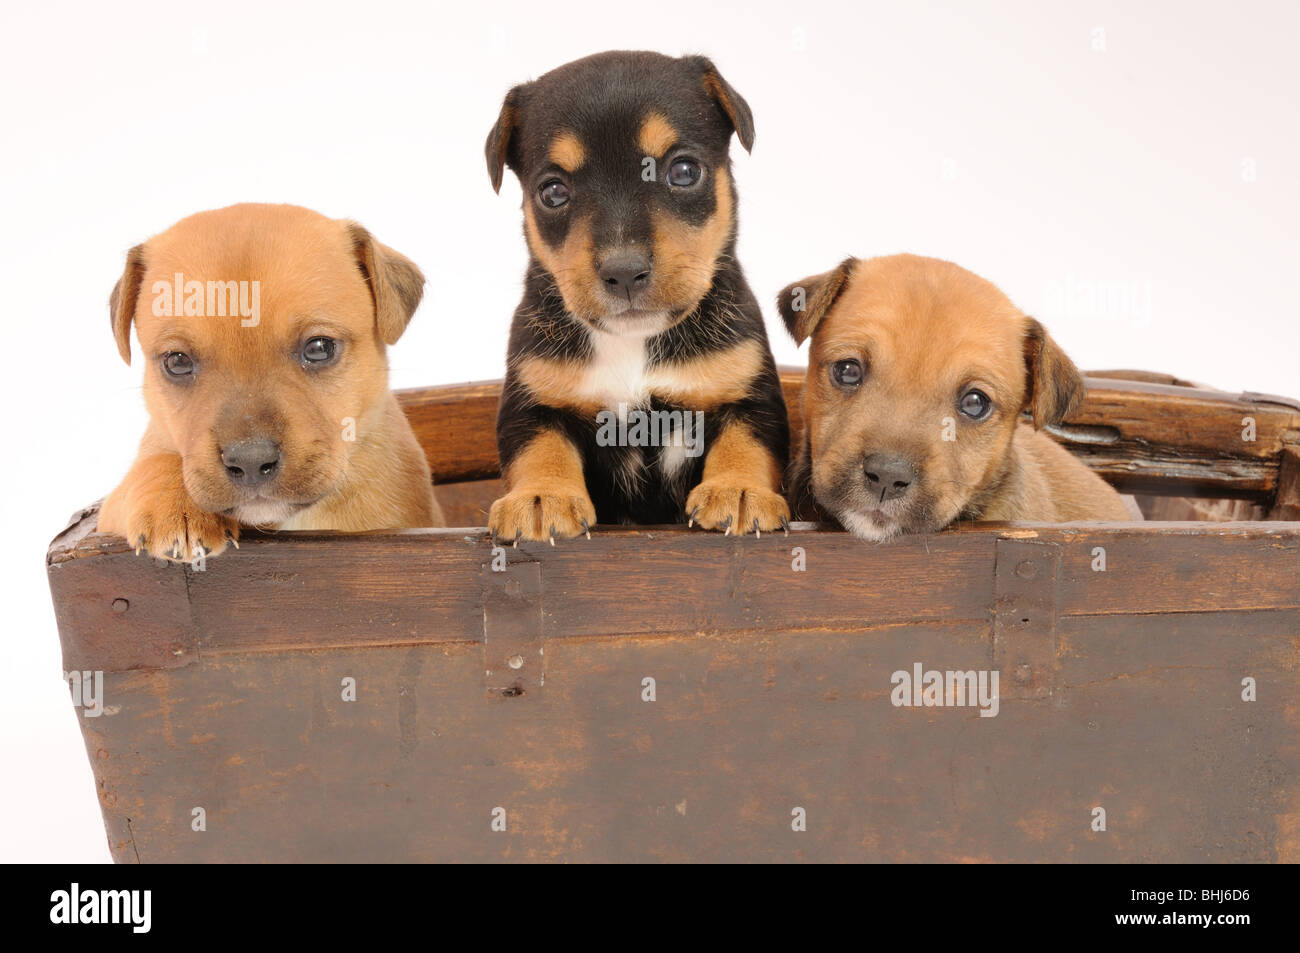 Terrier puppies - Stock Image